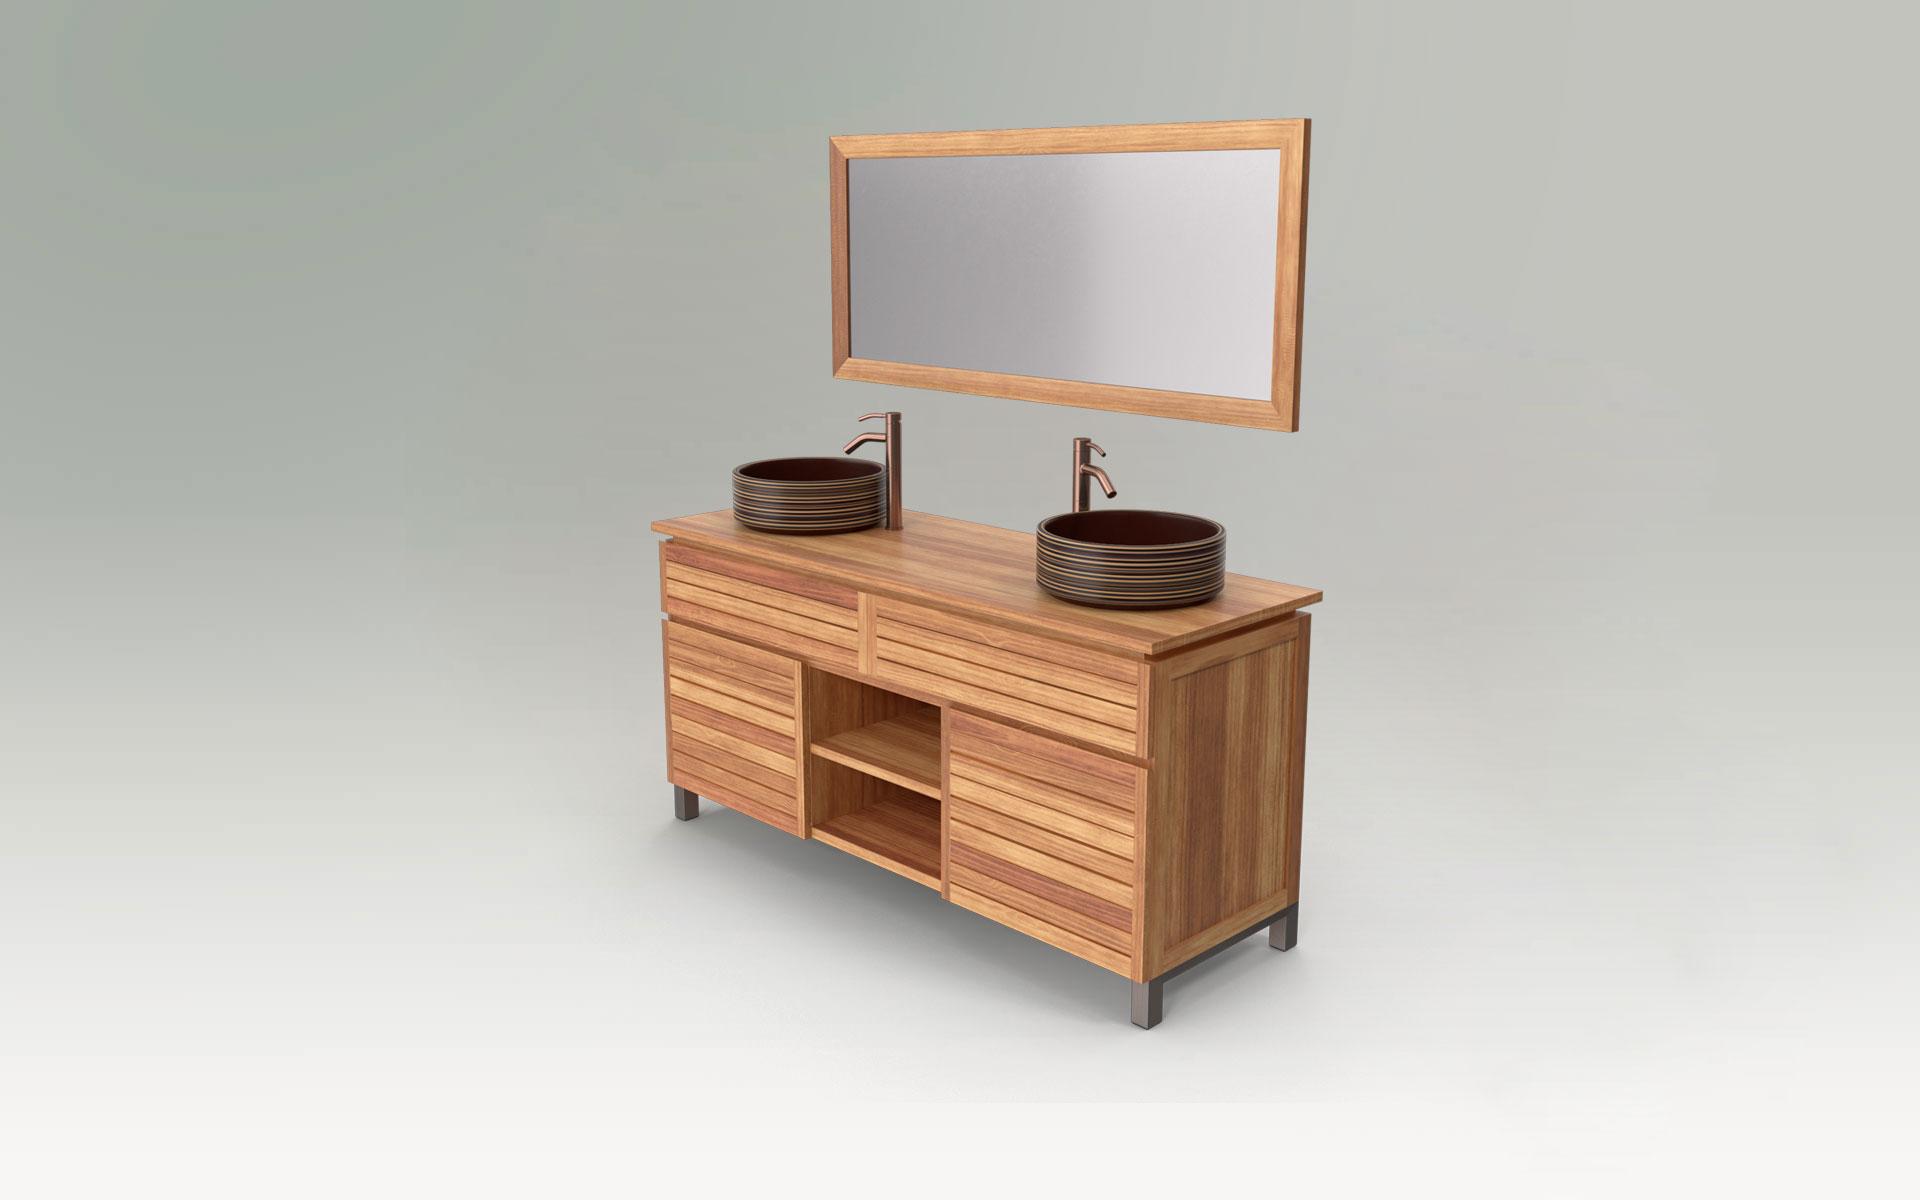 Individuelle Naturholz Möbel für Badezimmer